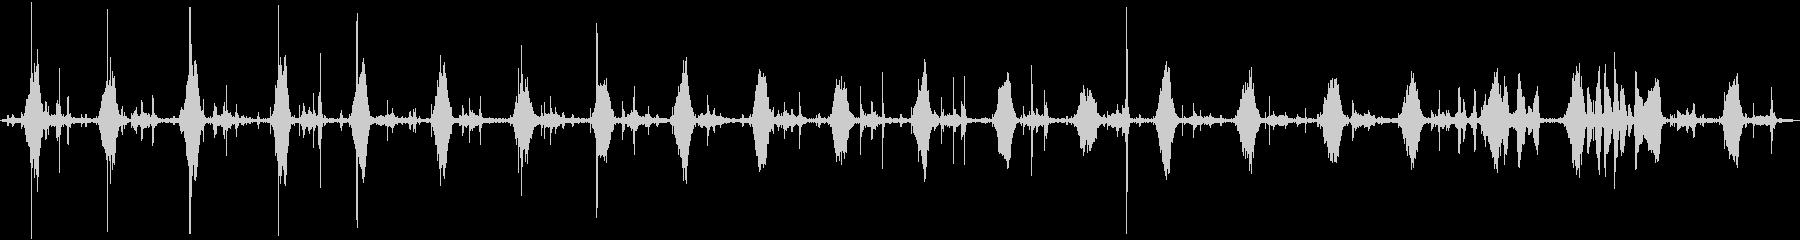 INT:ハンド酸素マスク、クローズ...の未再生の波形